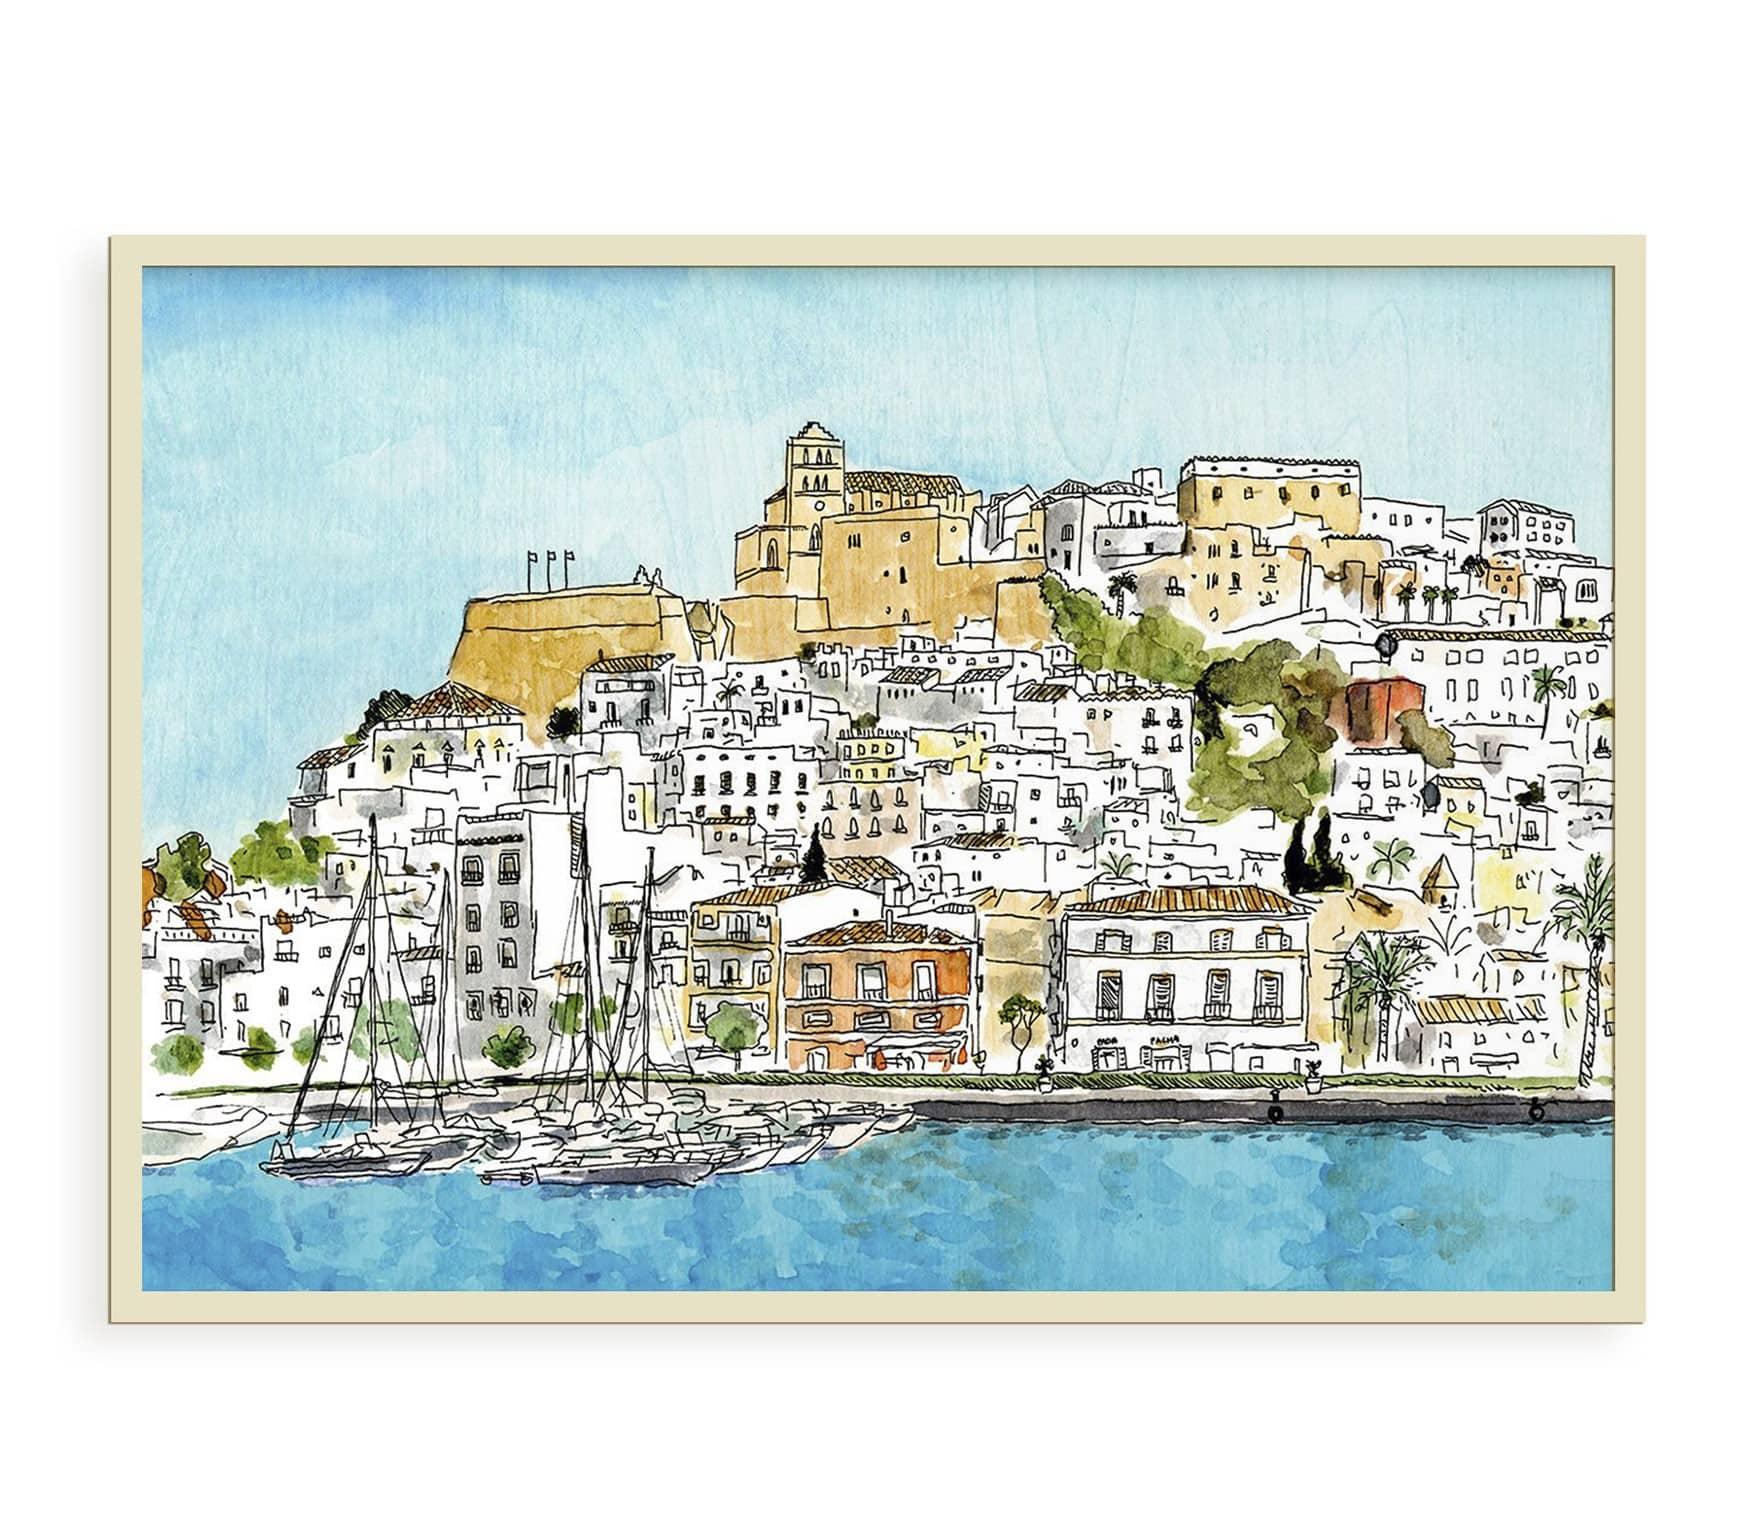 Lámina con una ilustración de Dalt Vila en la isla de Ibiza, Baleares (España). Dibujo en acuarela y tinta. Cuadro decorativo para enmarcar